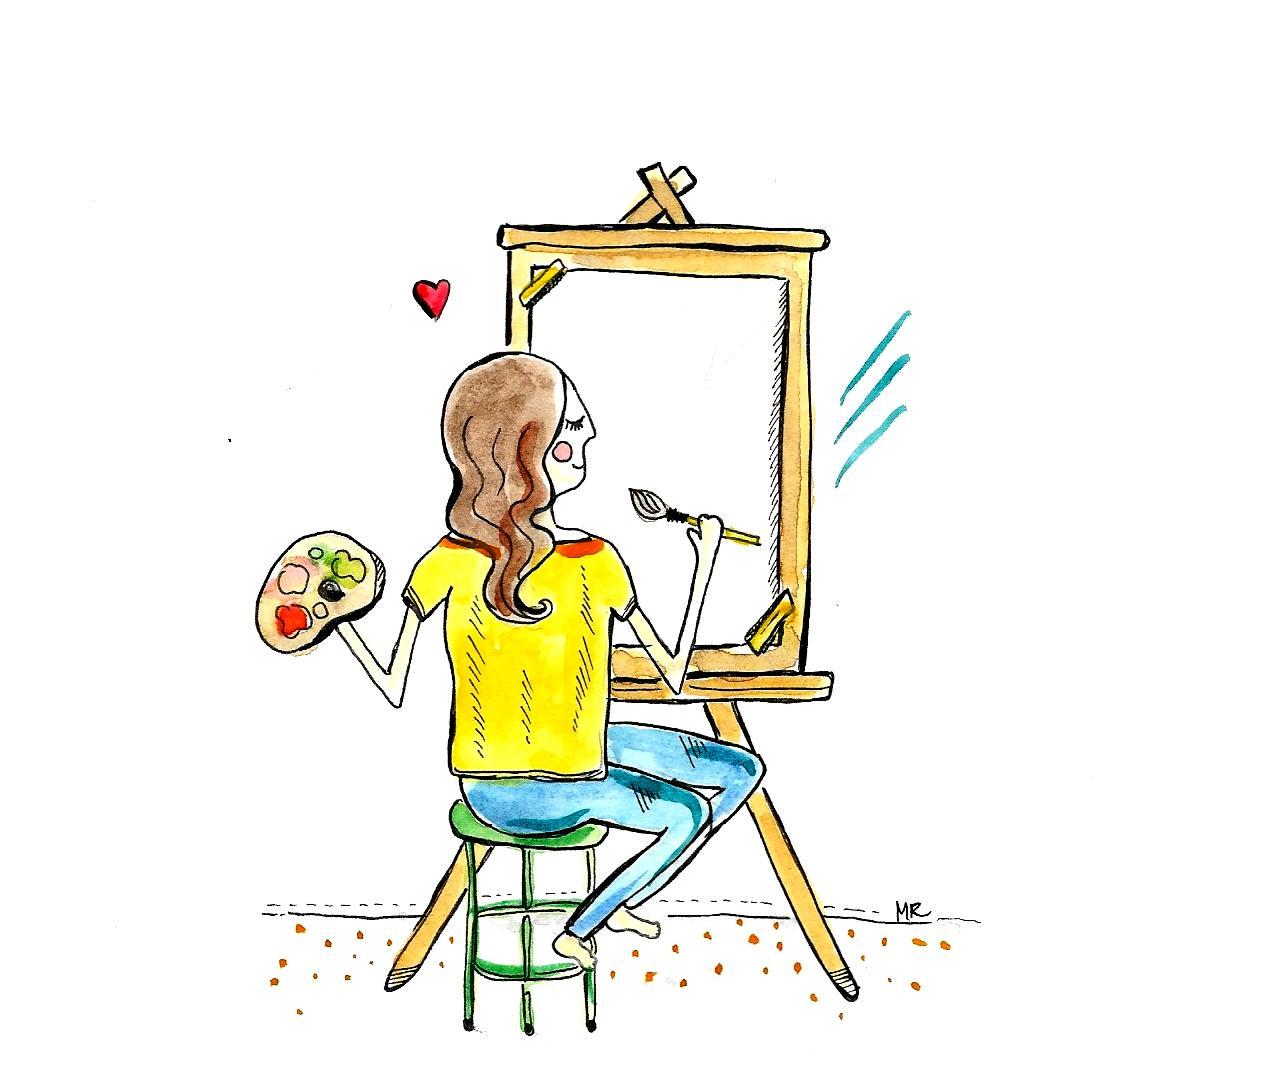 stan flow osiągasz kiedy robisz to co lubisz, na przykład podczas malowania kiedy nie czujesz upływającego czasu